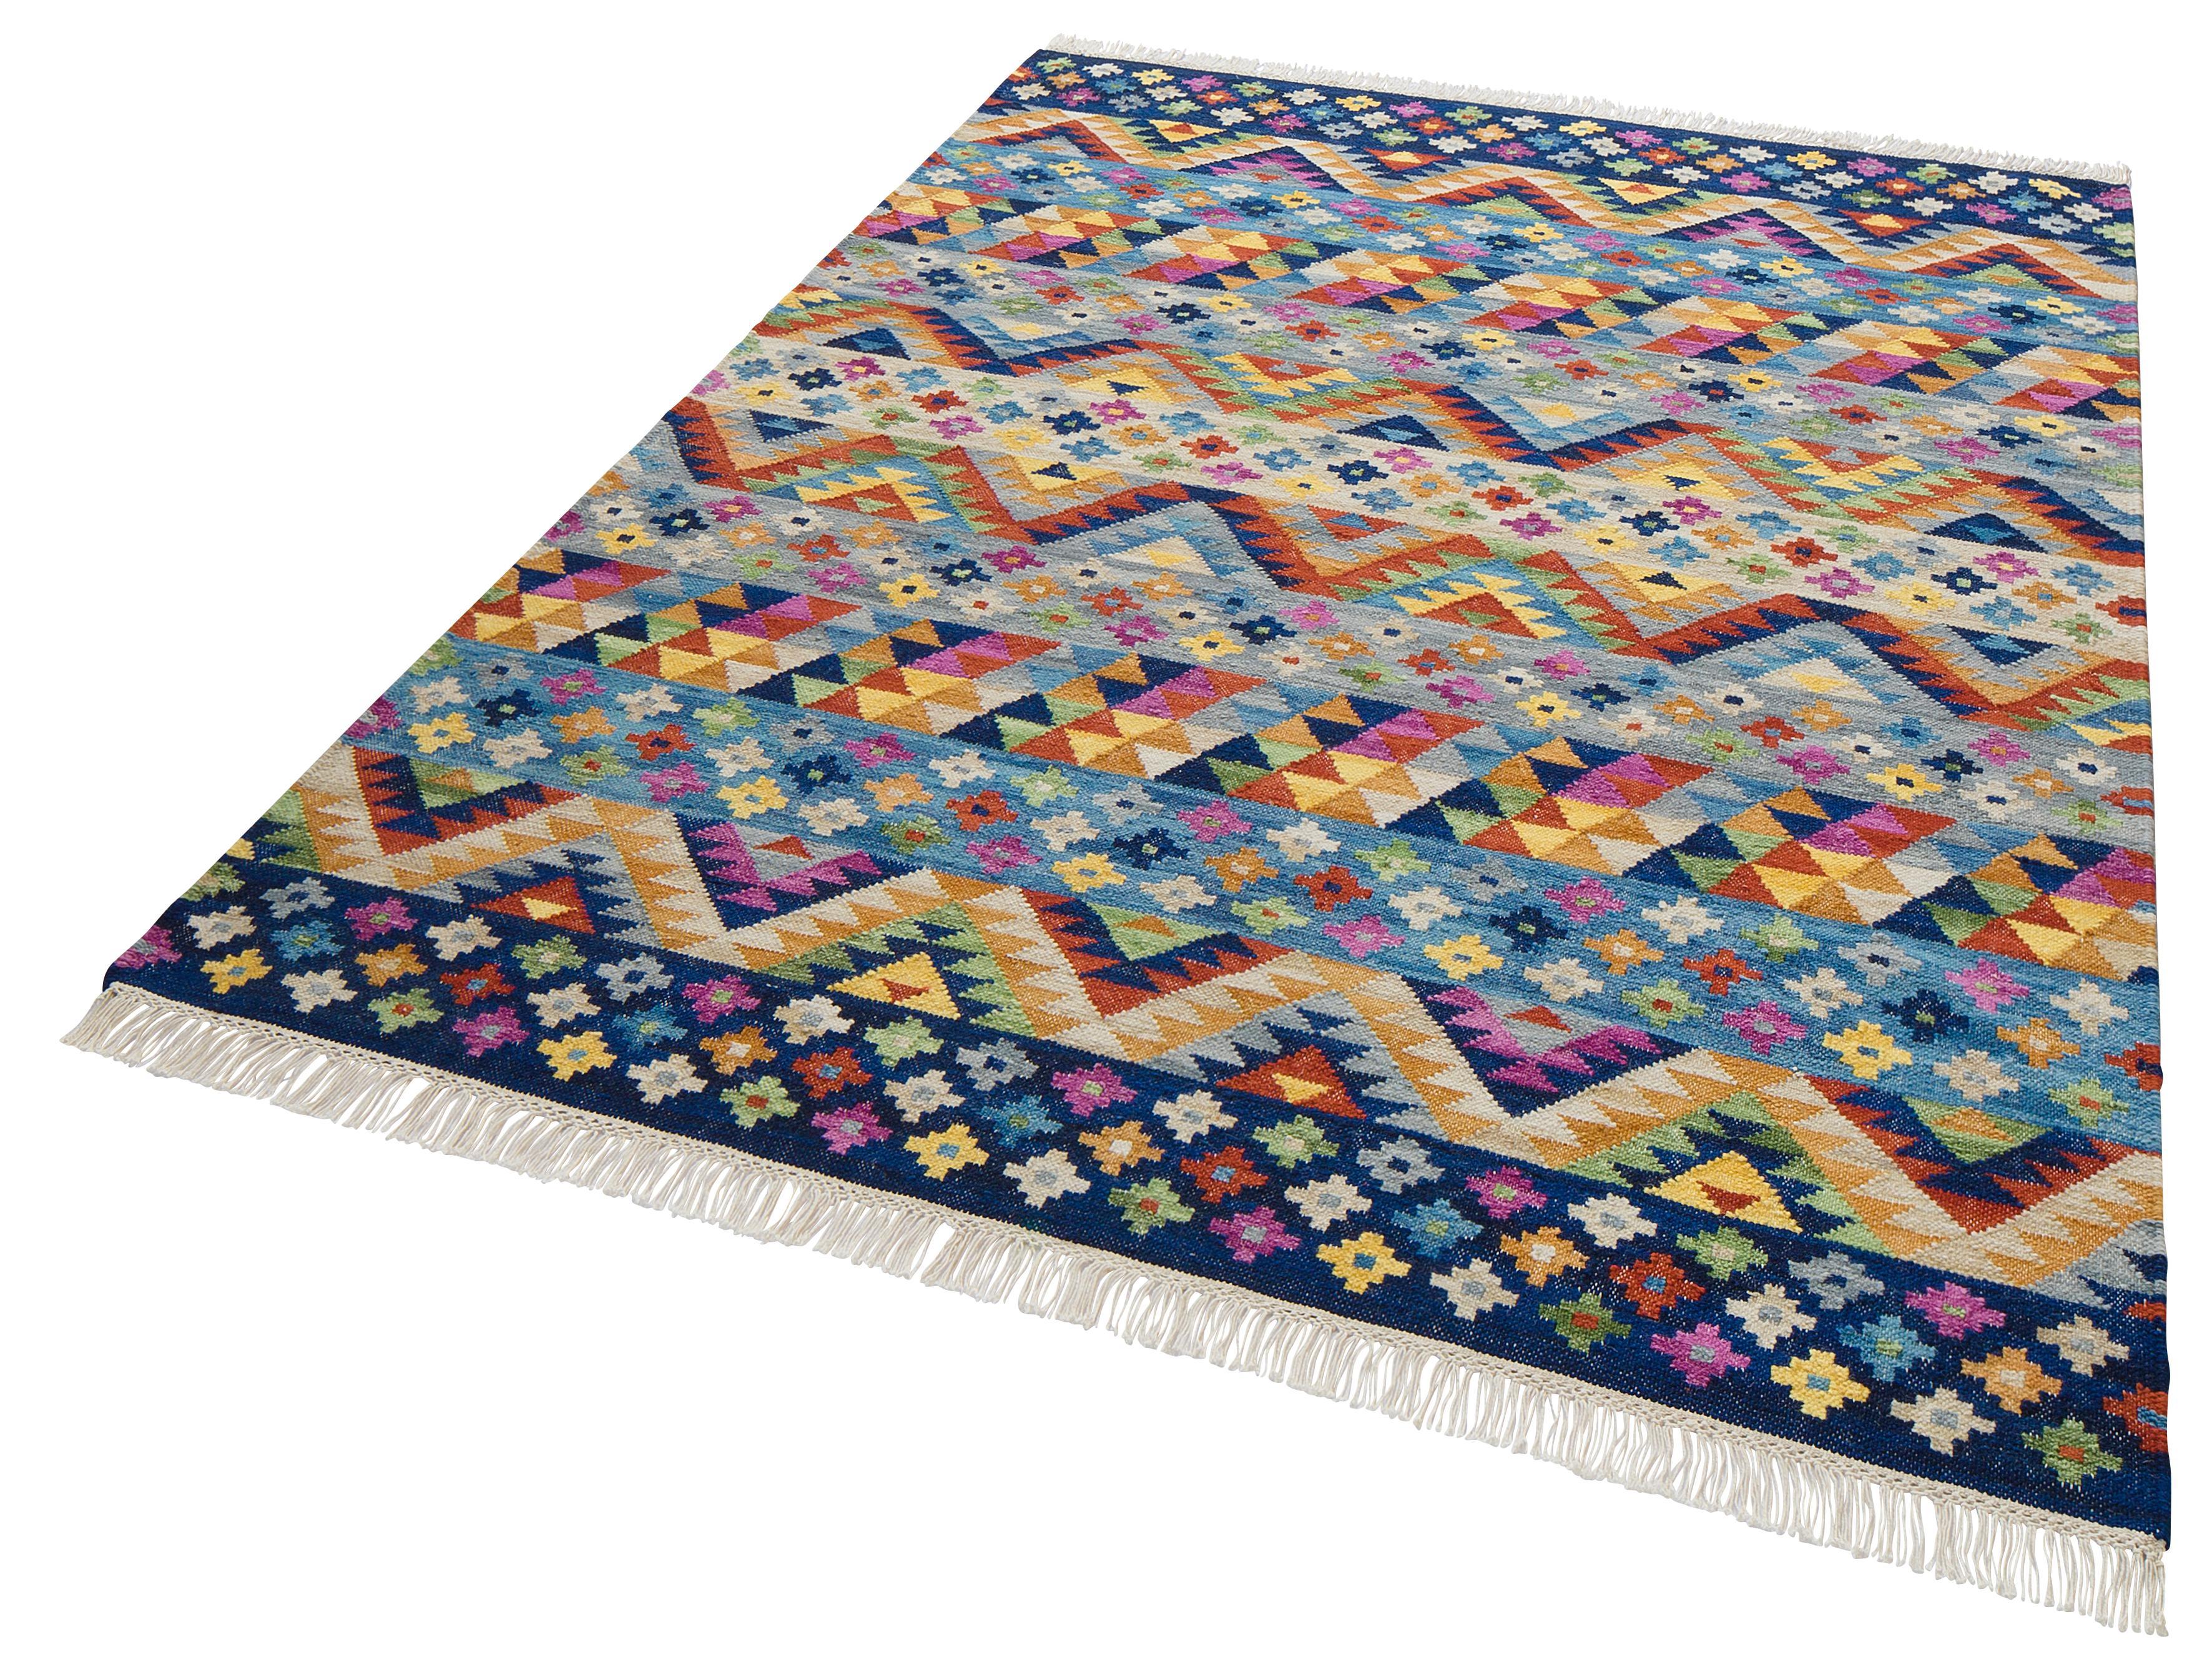 Teppich Koos Theko Exklusiv rechteckig Höhe 8 mm handgewebt